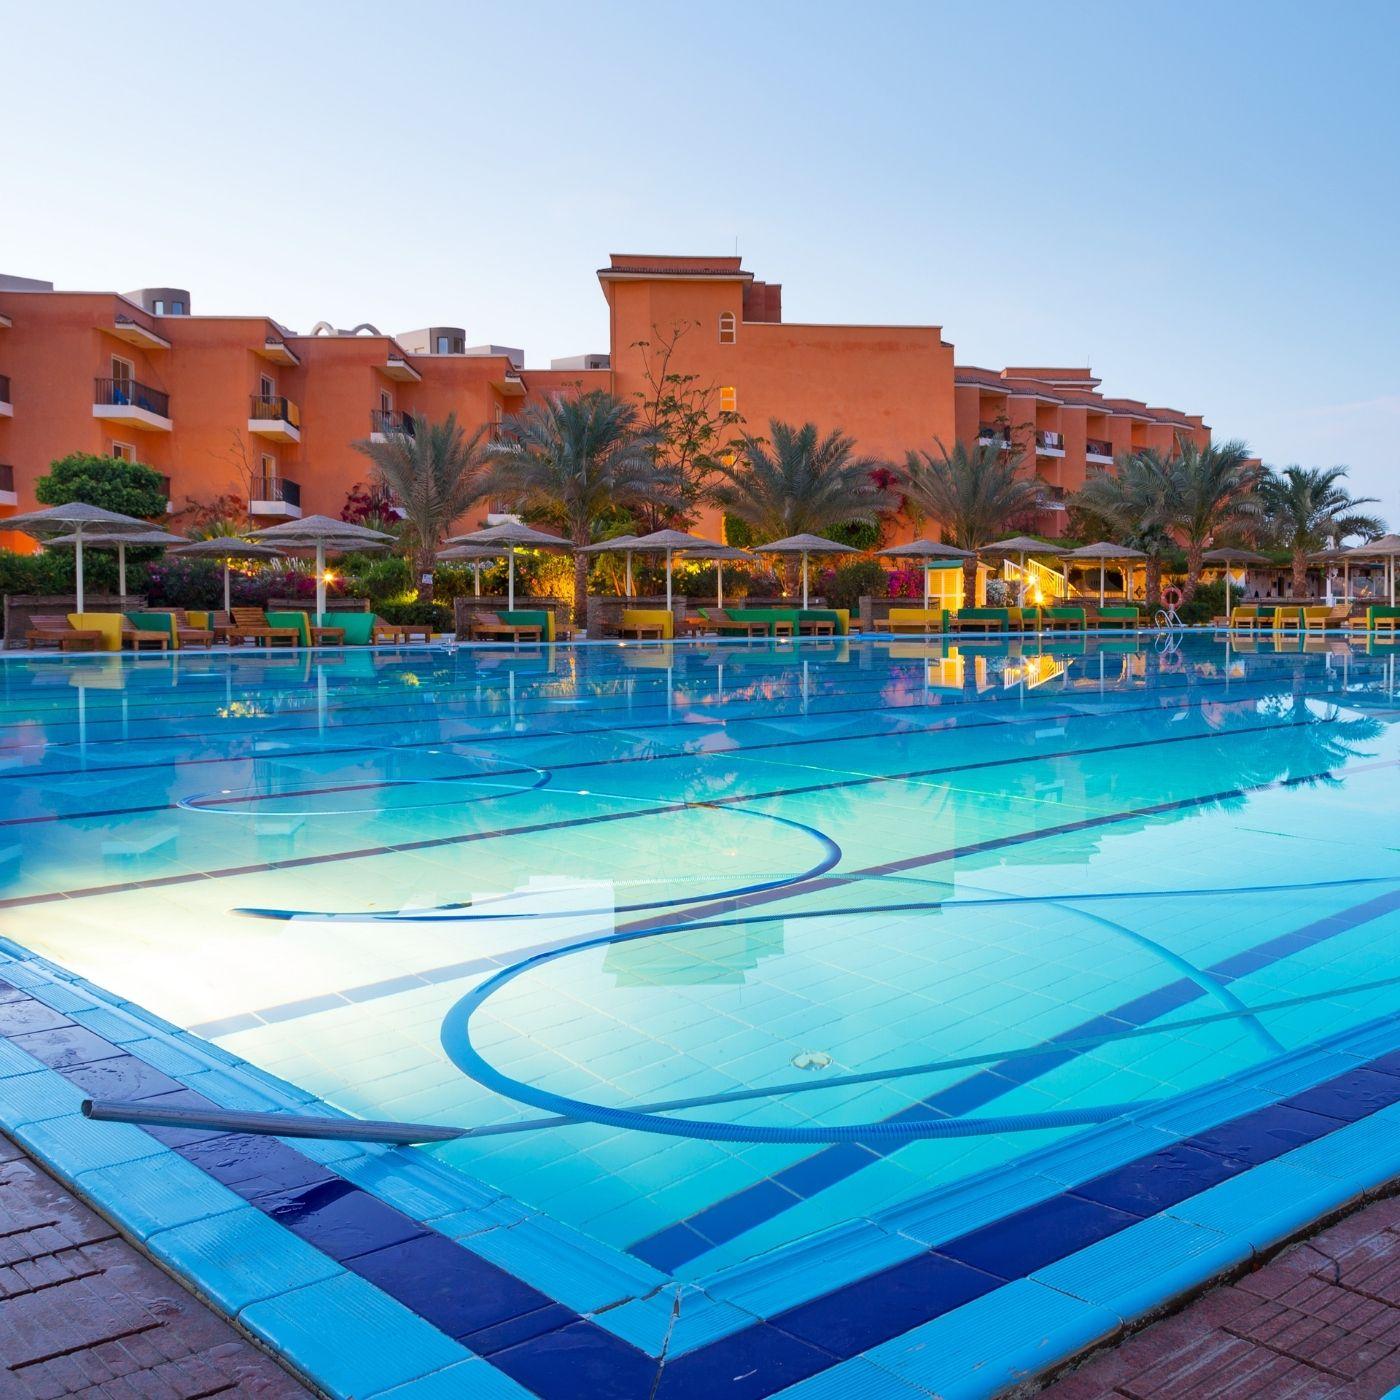 Resort Hurghada by night